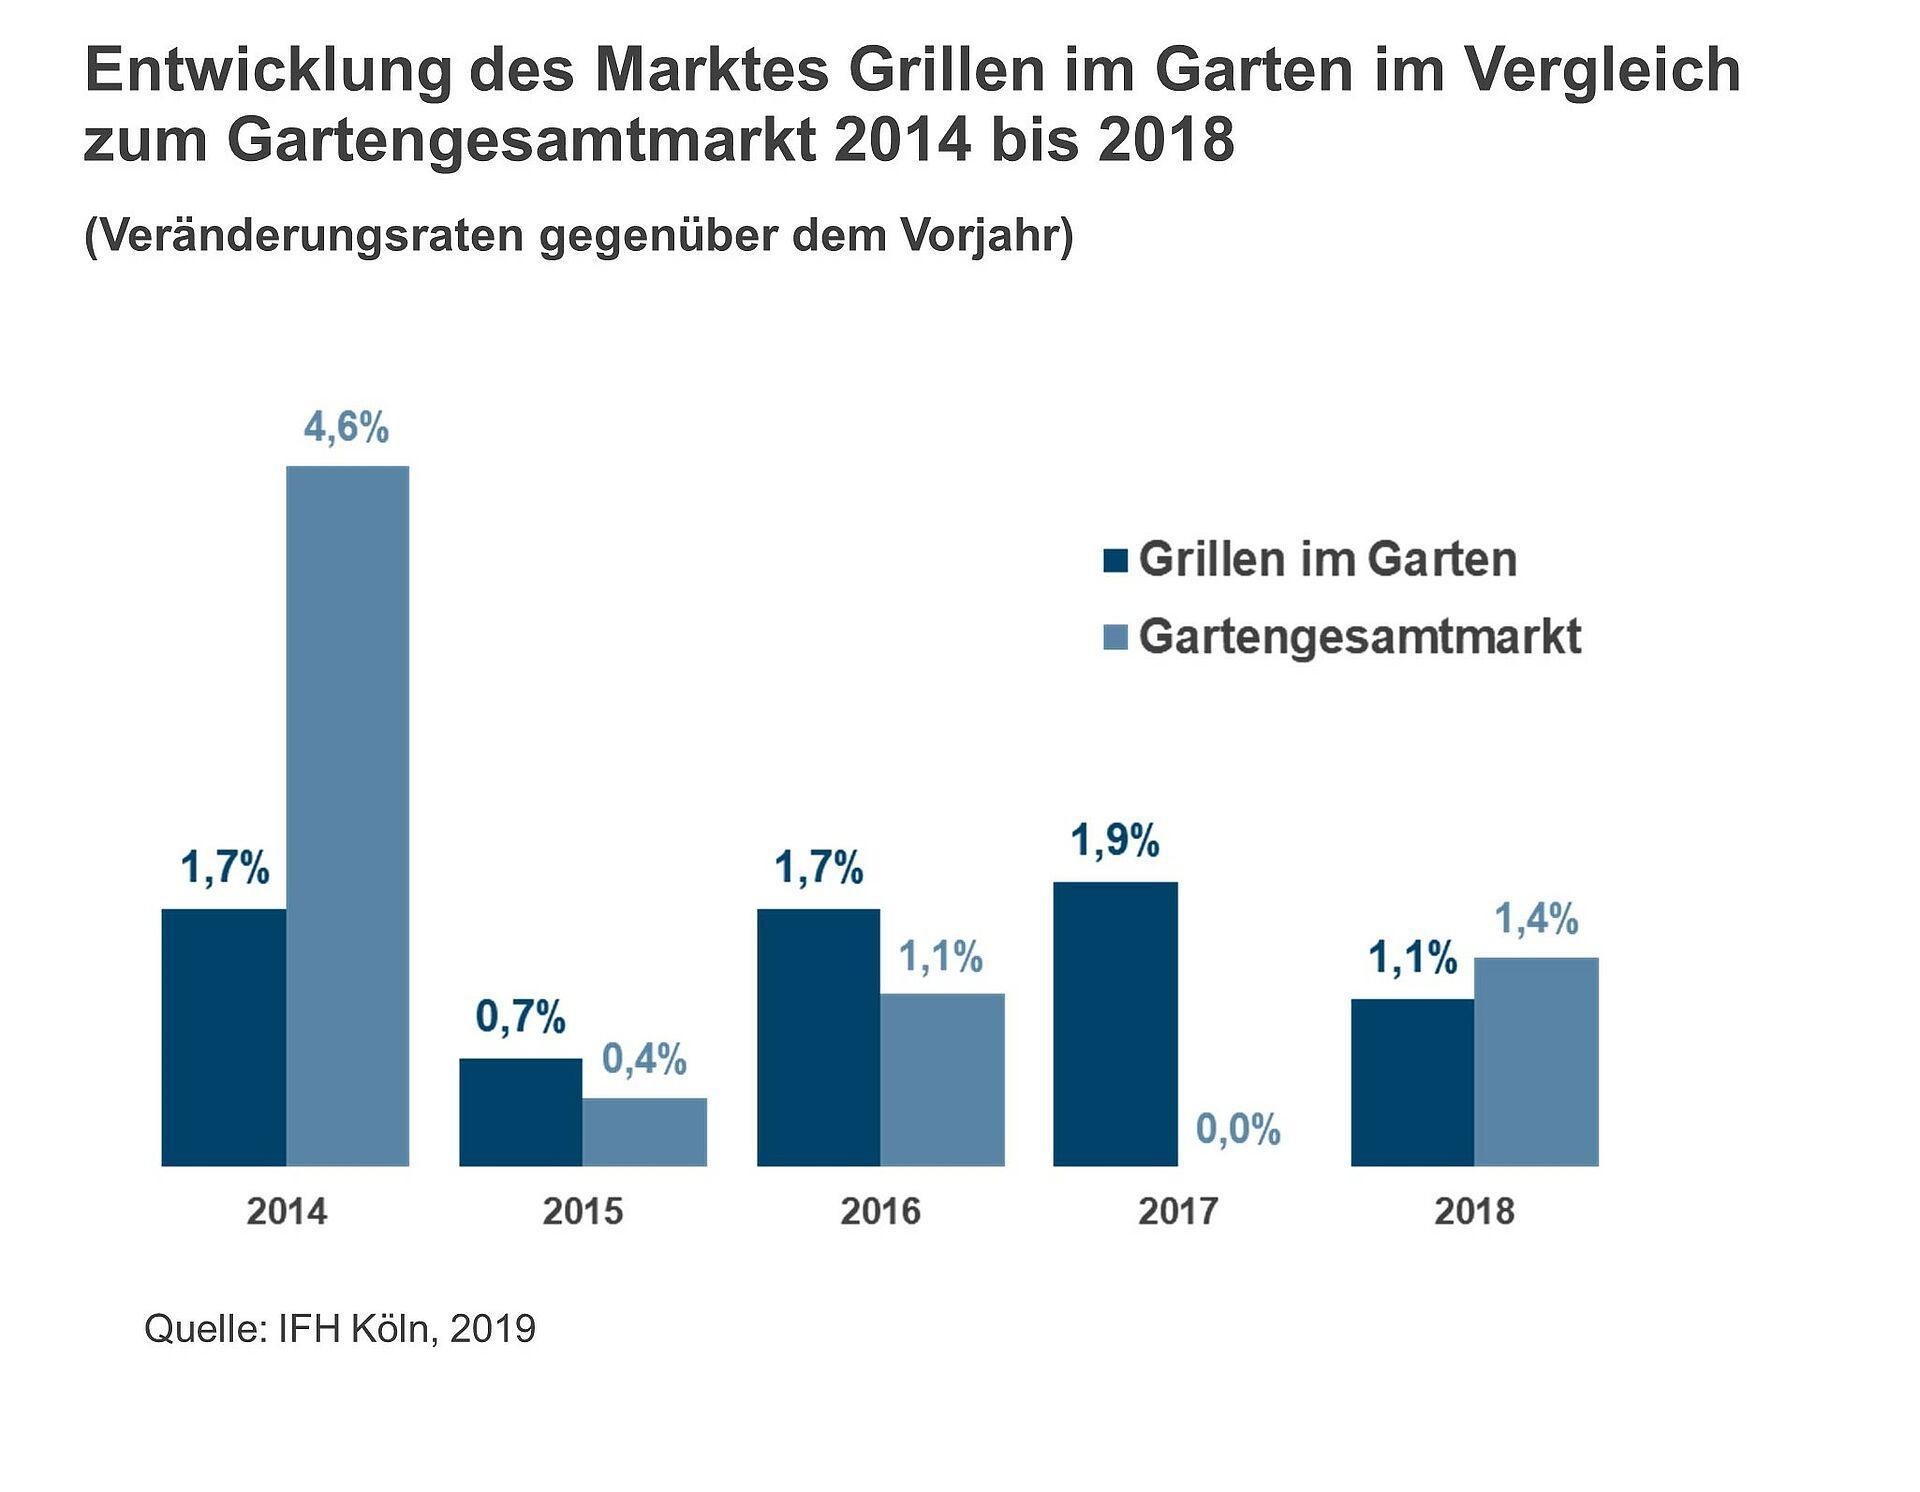 Grillmarkt wächst weiterhin auf Sparflamme